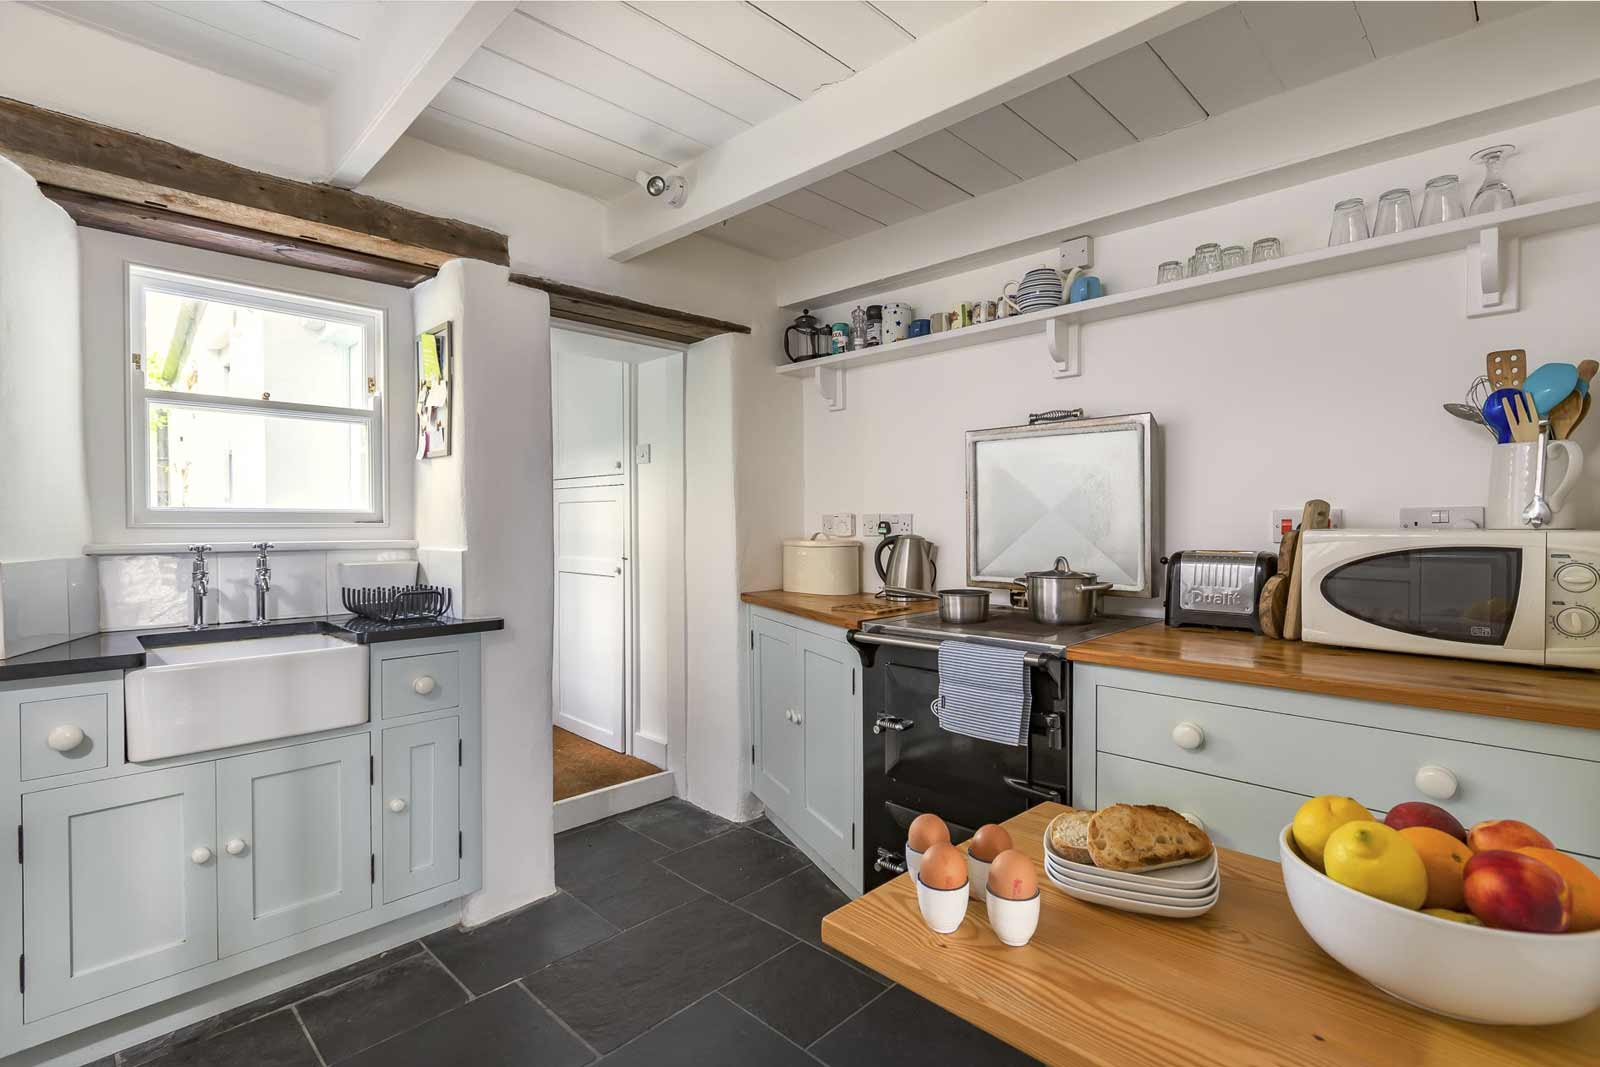 gulls-nest-kitchen